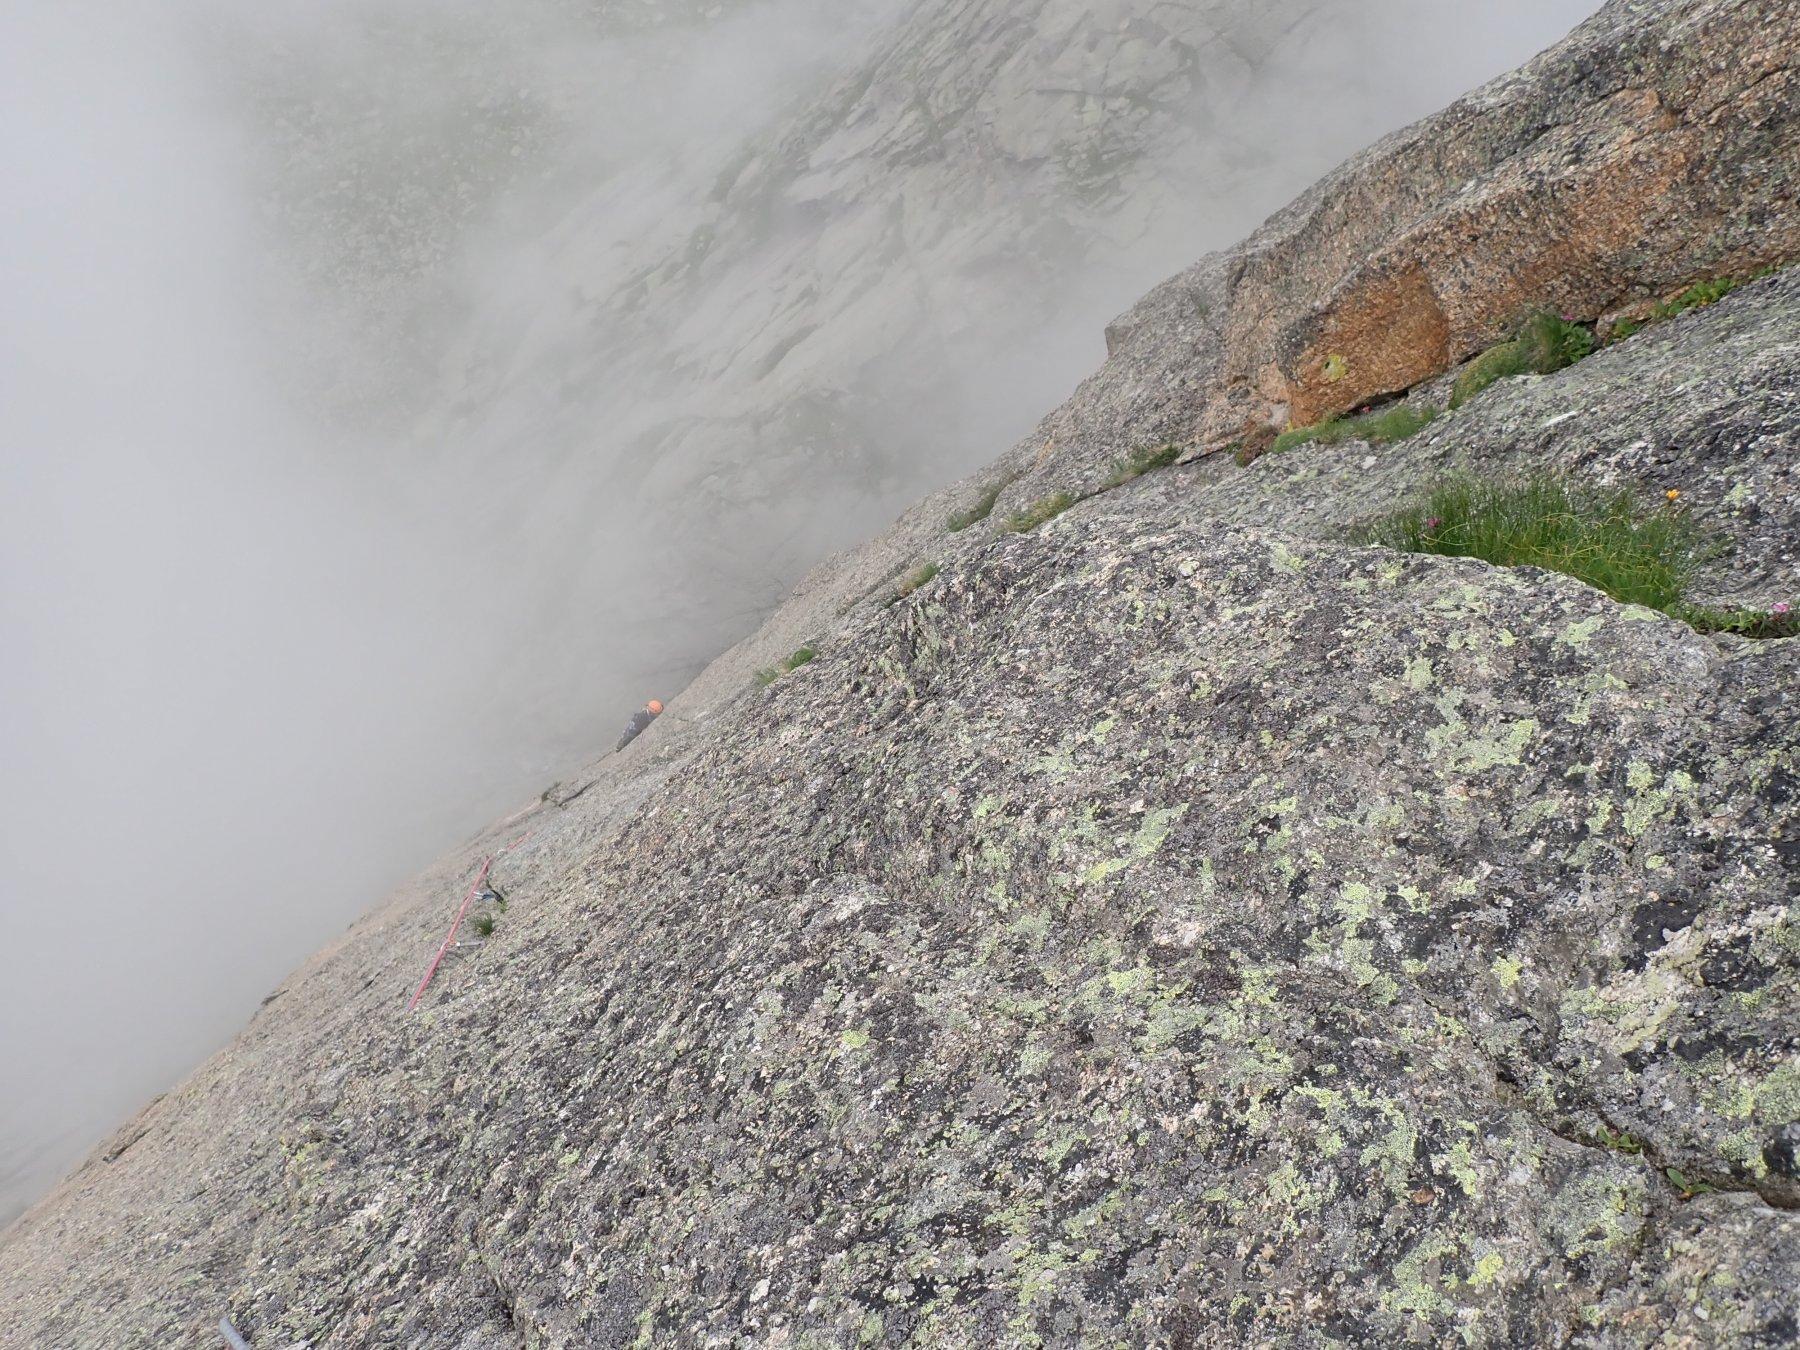 Destrera (Monte) via Directa 2019-07-20